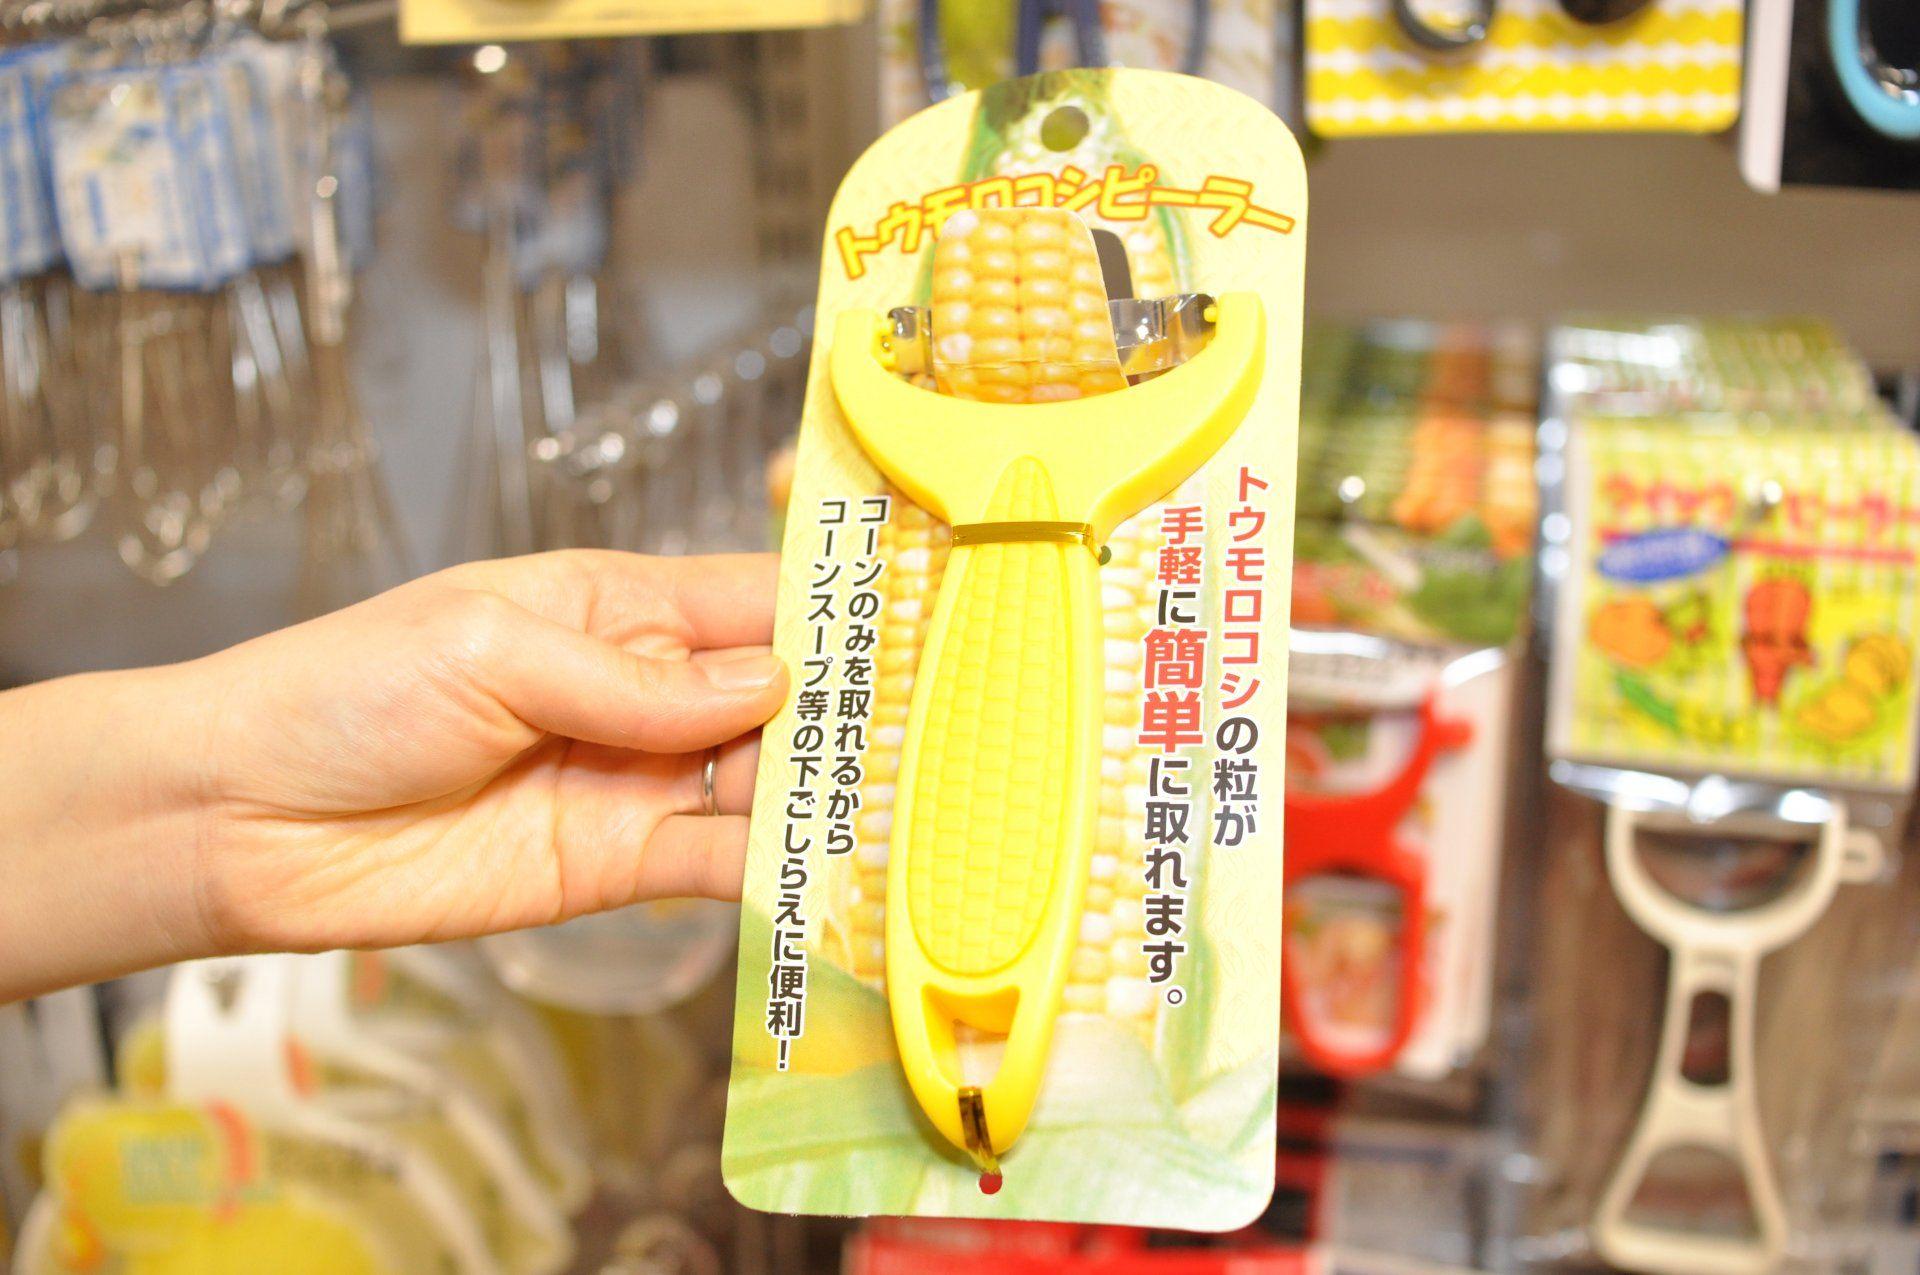 海外游客喜爱的CAN★DO商品第4位,【削皮刀】